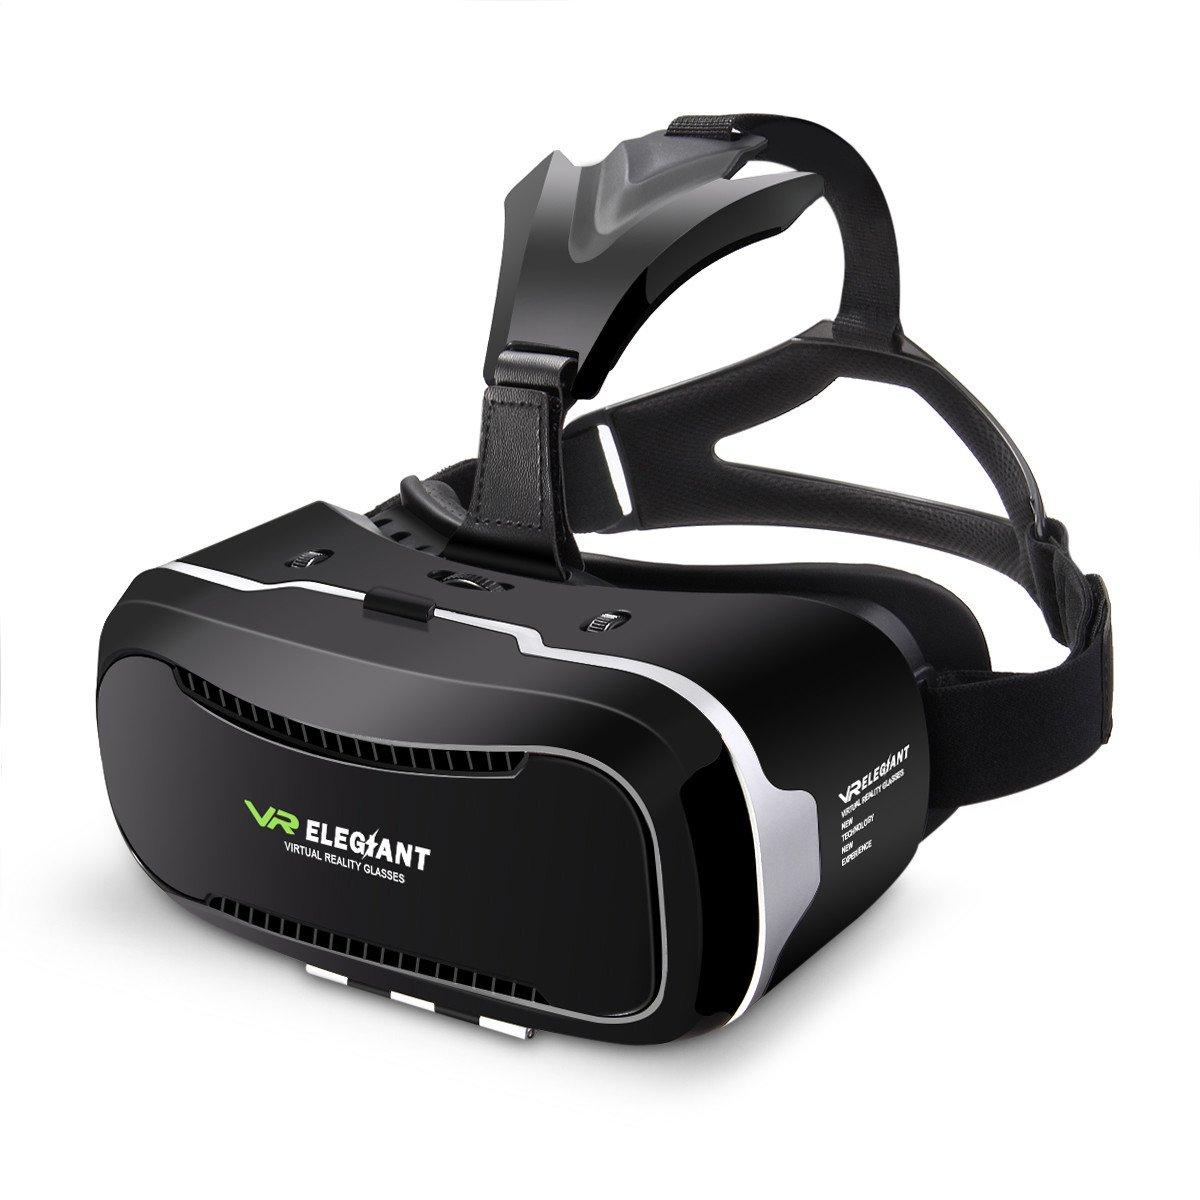 ELEGIANT GénérationII 3D VR Lunettes Casque Réalité Vituelle 4»- 6» Compatible avec Iphone 6 6S Plus 5 5S Samsung Note 2 Note 3 Galaxy S6 HTC One Experia T2 Ultra etc